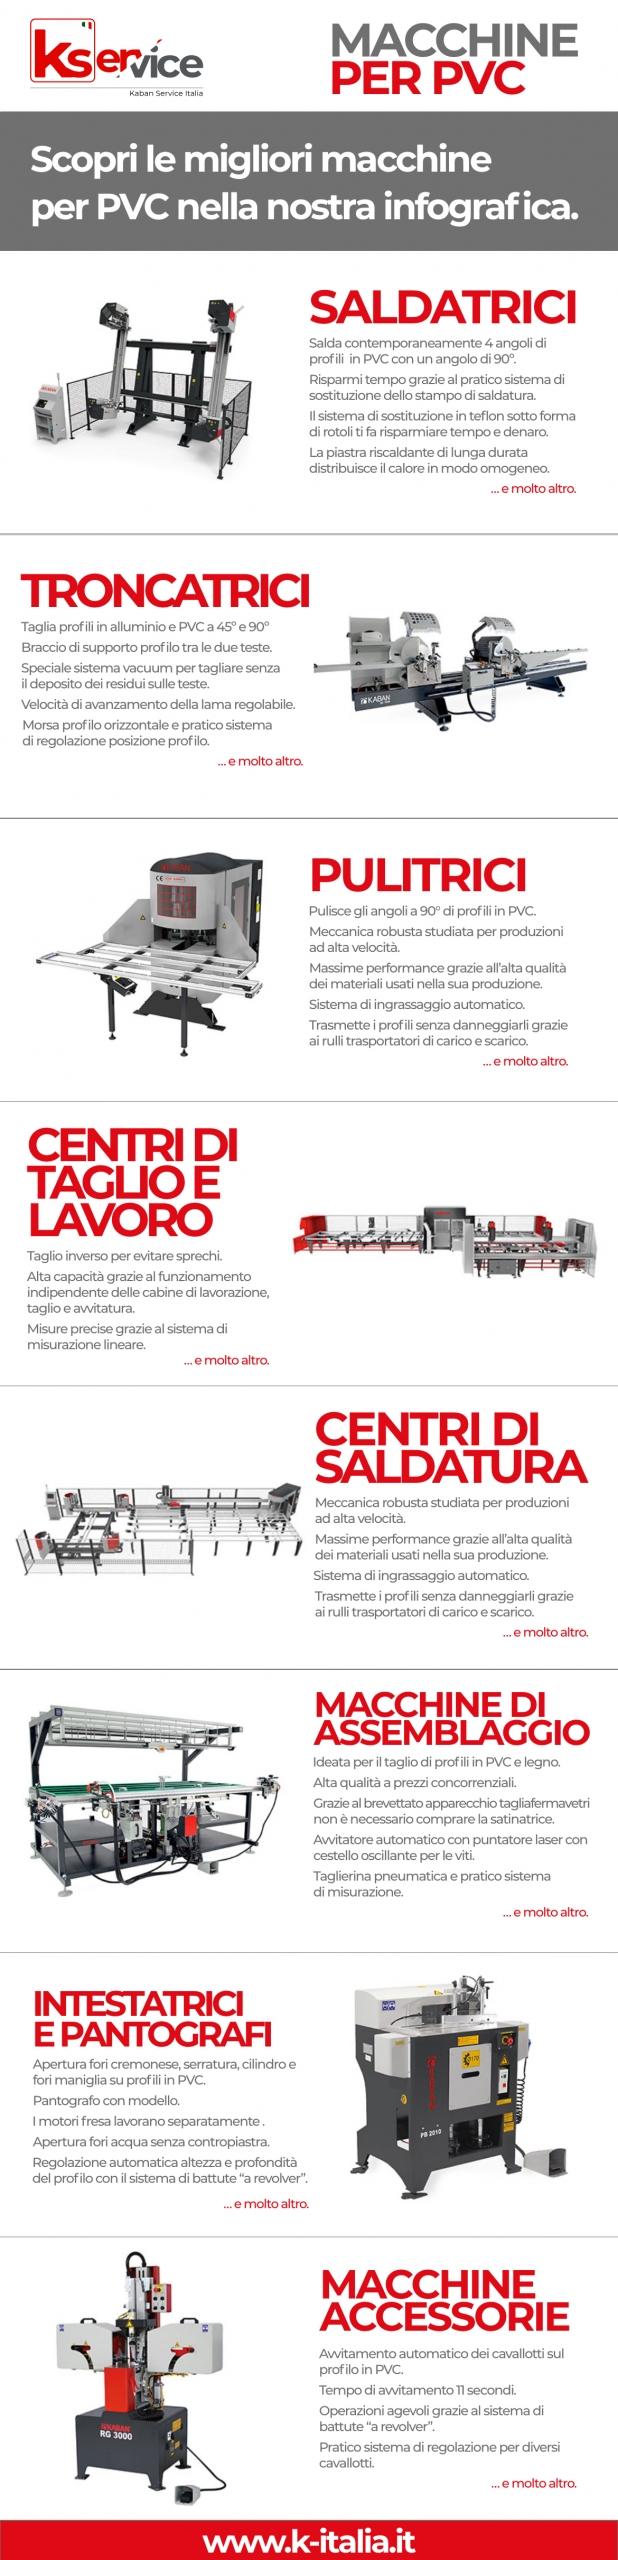 Macchine per pvc infografica